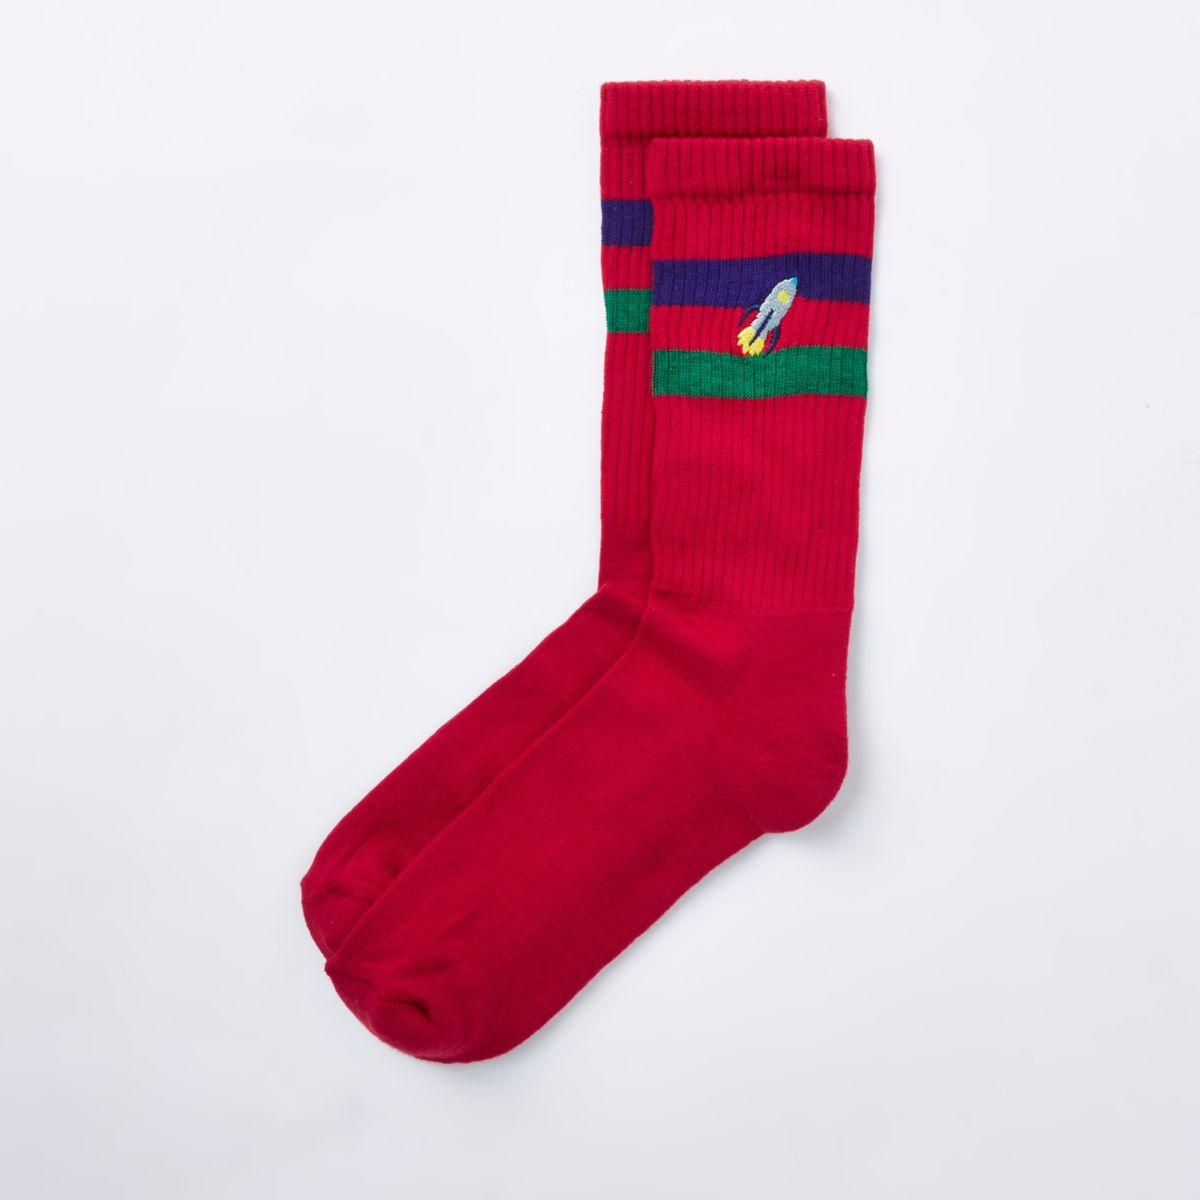 Red rocket novelty tube socks